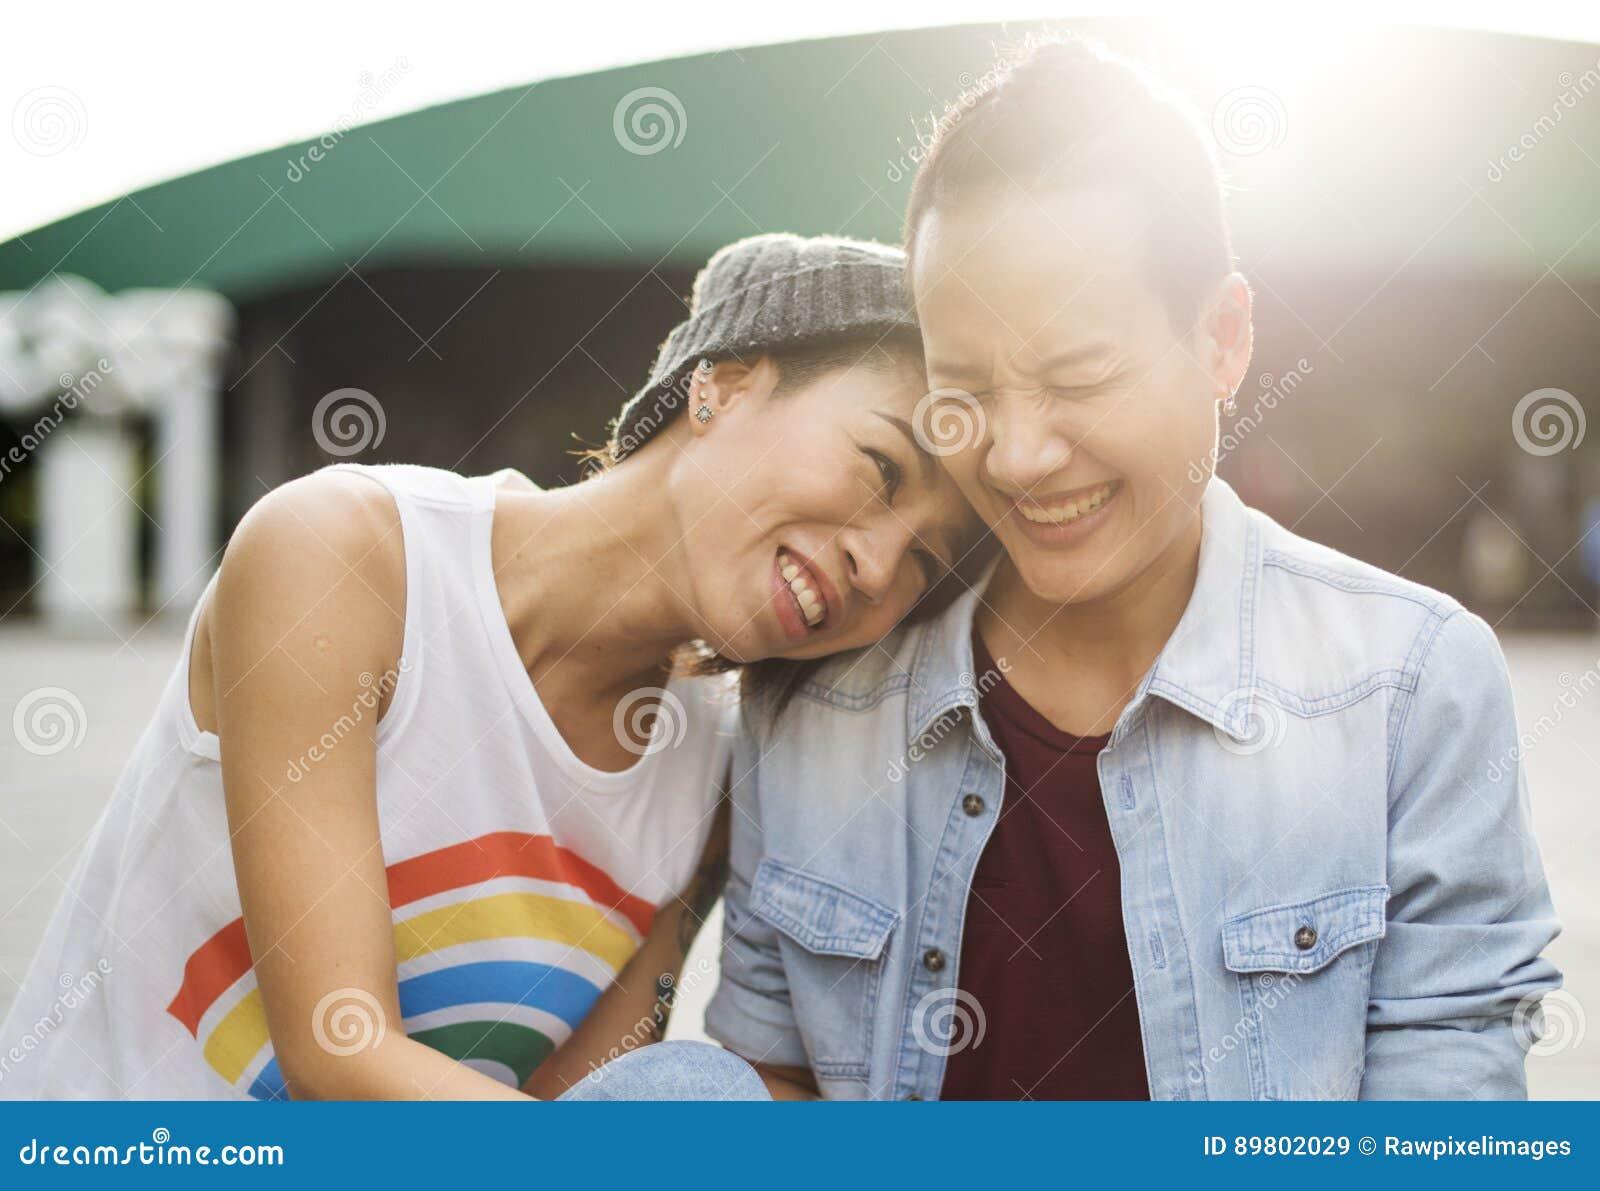 LGBT pary momentów szczęścia Lesbijski pojęcie